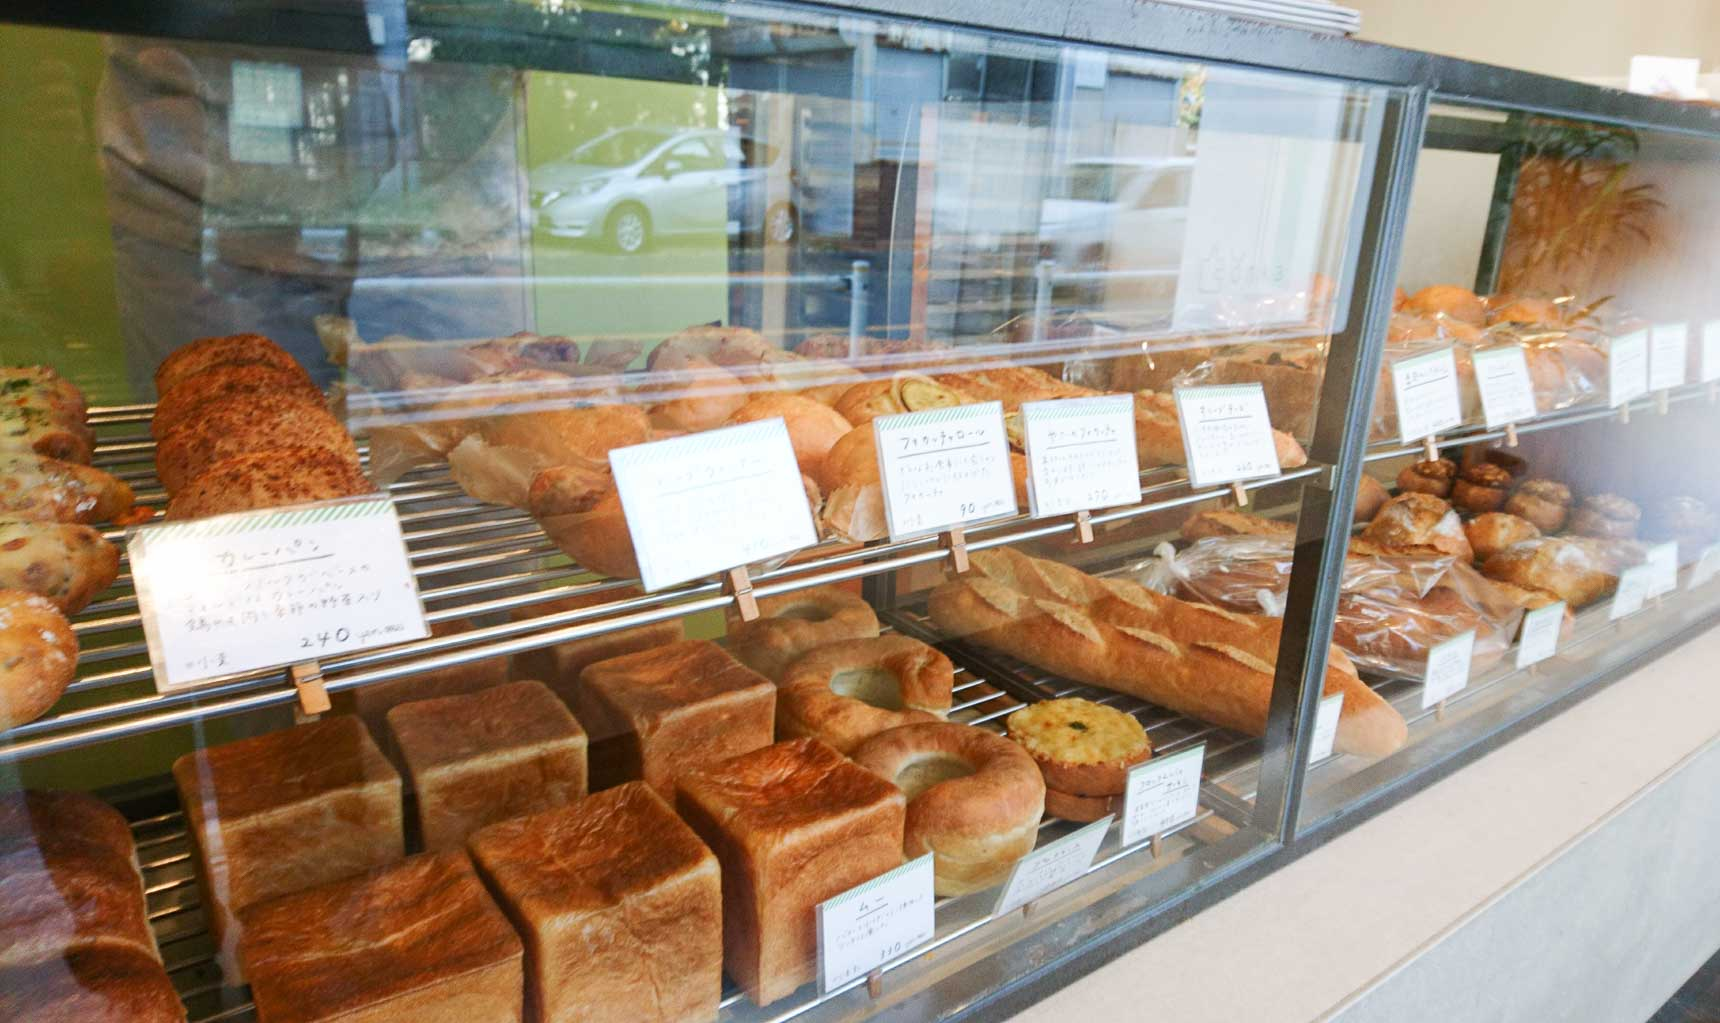 人気店のレシピを受け継ぐ、住宅街の中のパン屋さん『onkä(オンカ)』